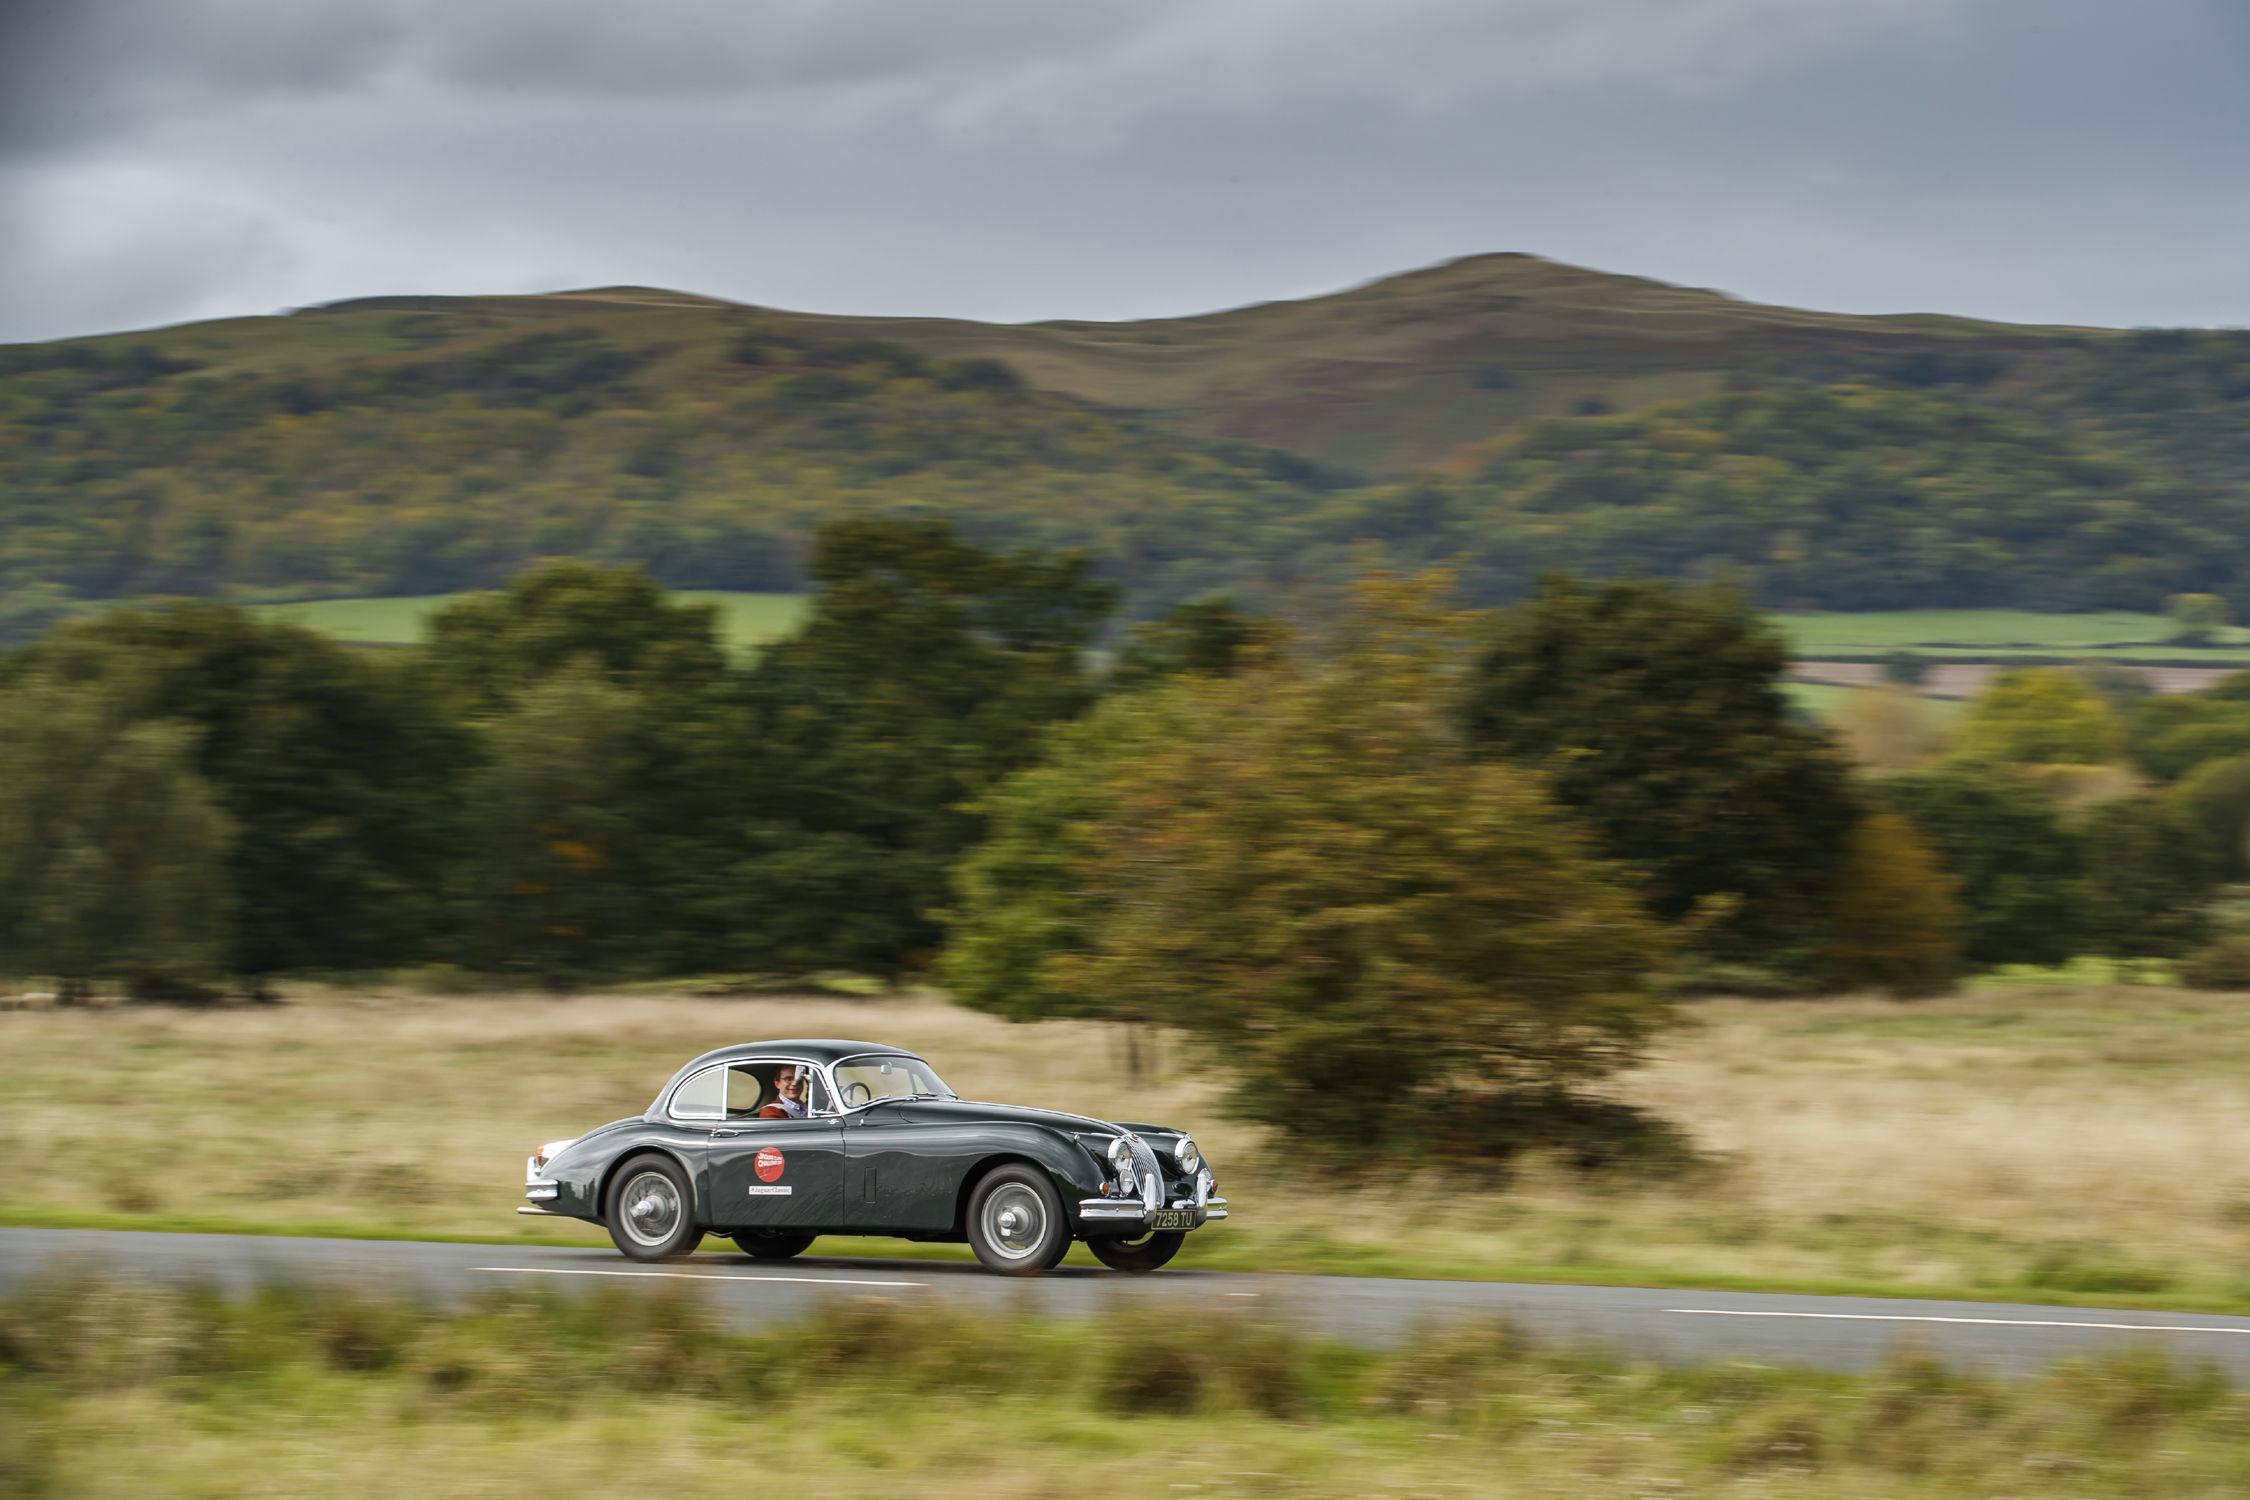 jlr classic nouveau stage de conduite eastnor castle actualit automobile motorlegend. Black Bedroom Furniture Sets. Home Design Ideas